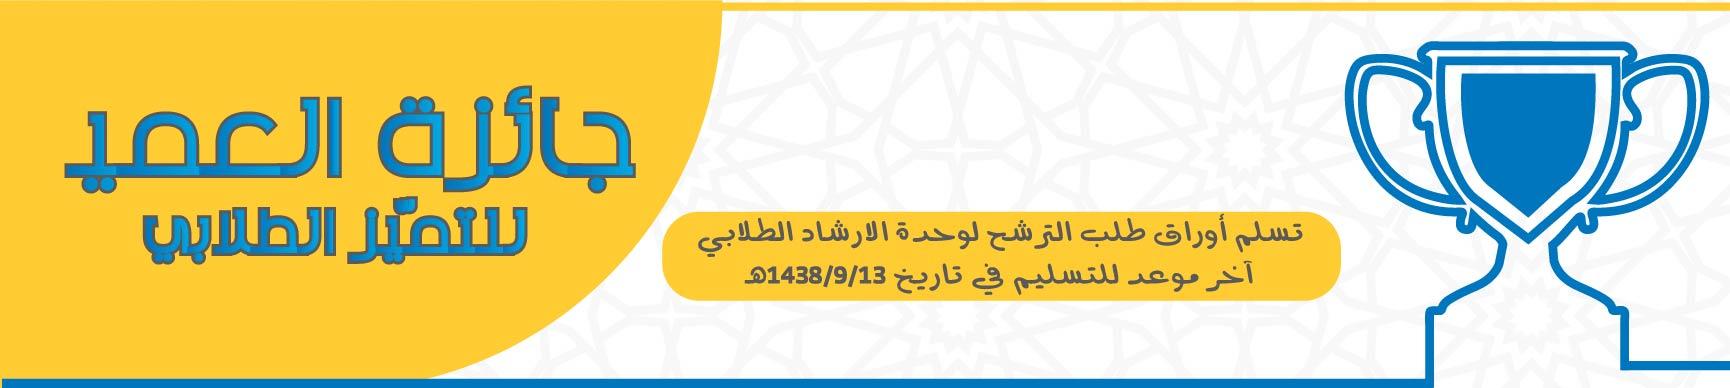 جائزة عميد الكلية للتميز... - يحق لكل طالب/طالبة تنطبق...